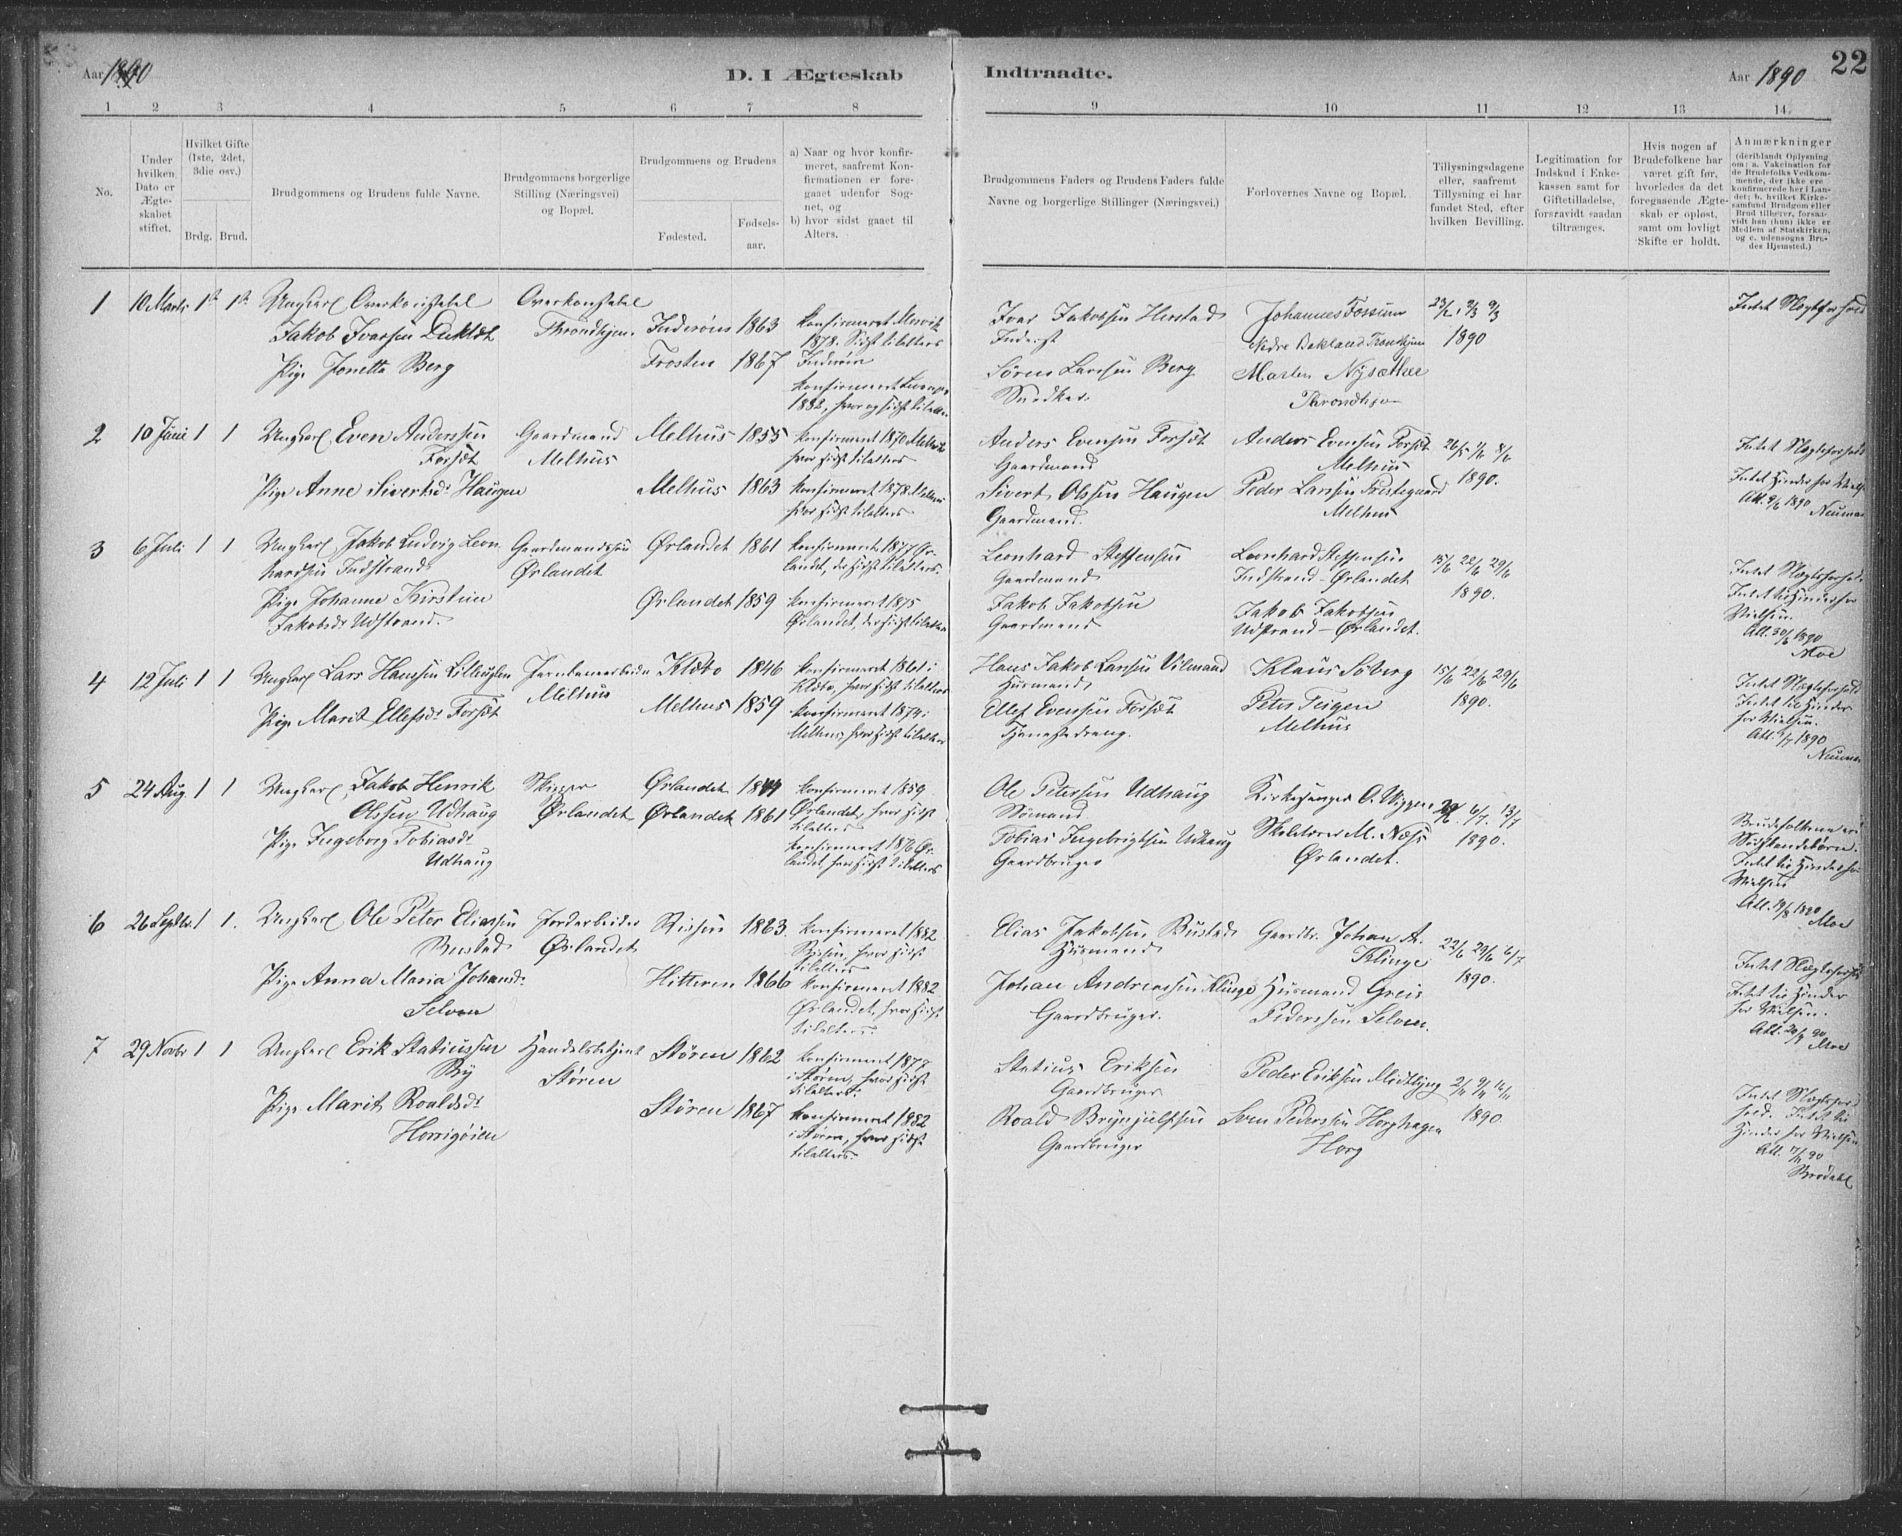 SAT, Ministerialprotokoller, klokkerbøker og fødselsregistre - Sør-Trøndelag, 623/L0470: Ministerialbok nr. 623A04, 1884-1938, s. 22